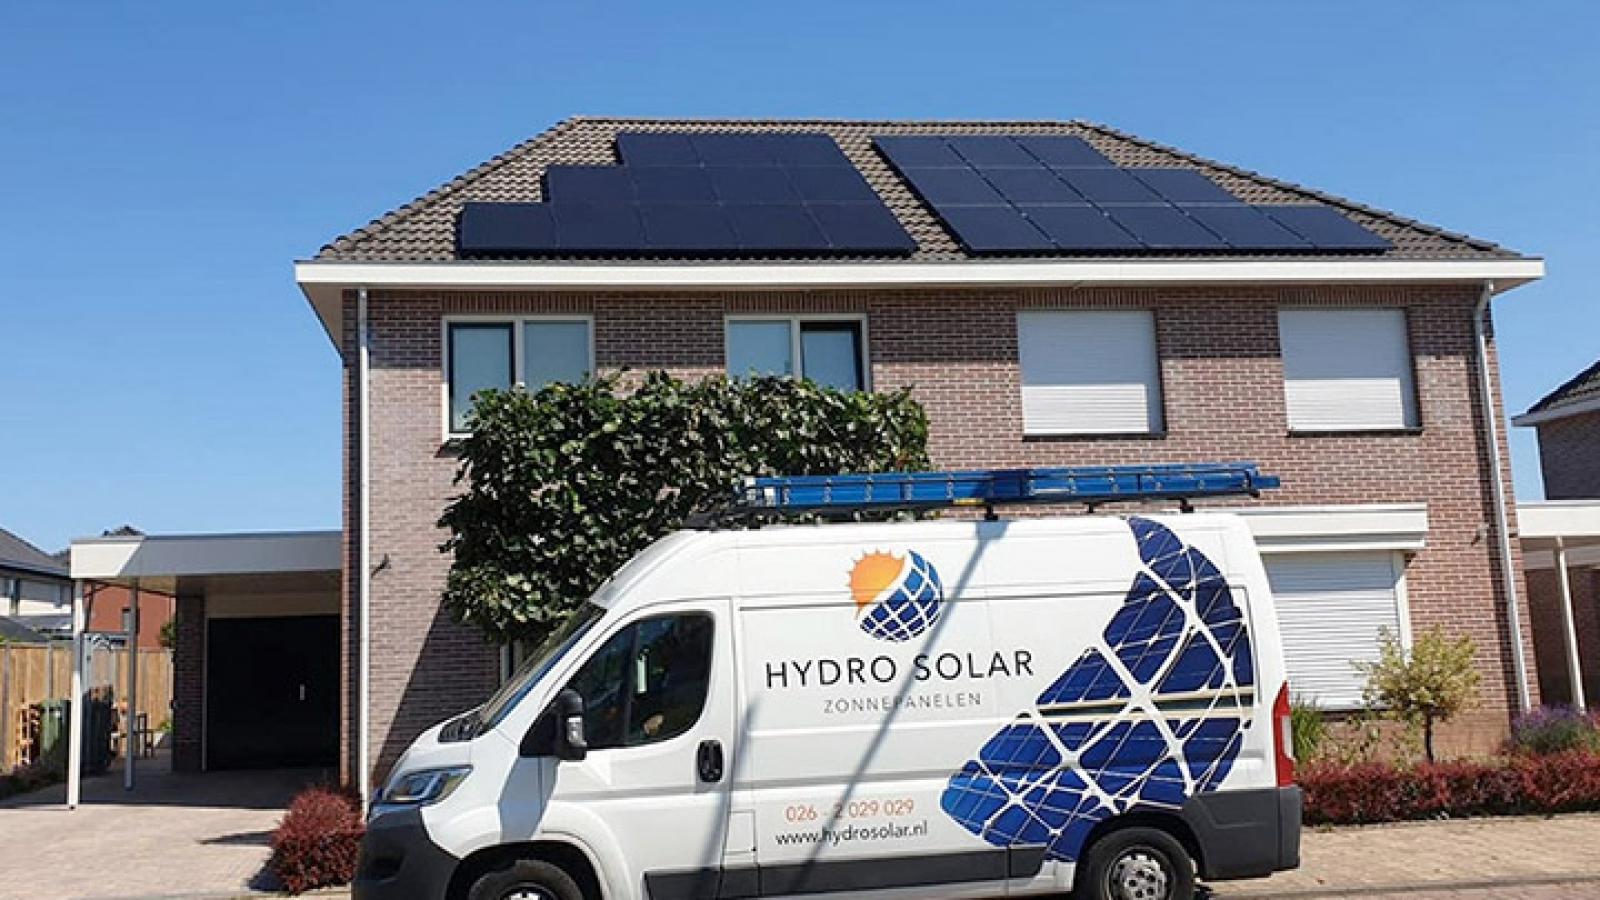 hydro_solar_230620-solaredge